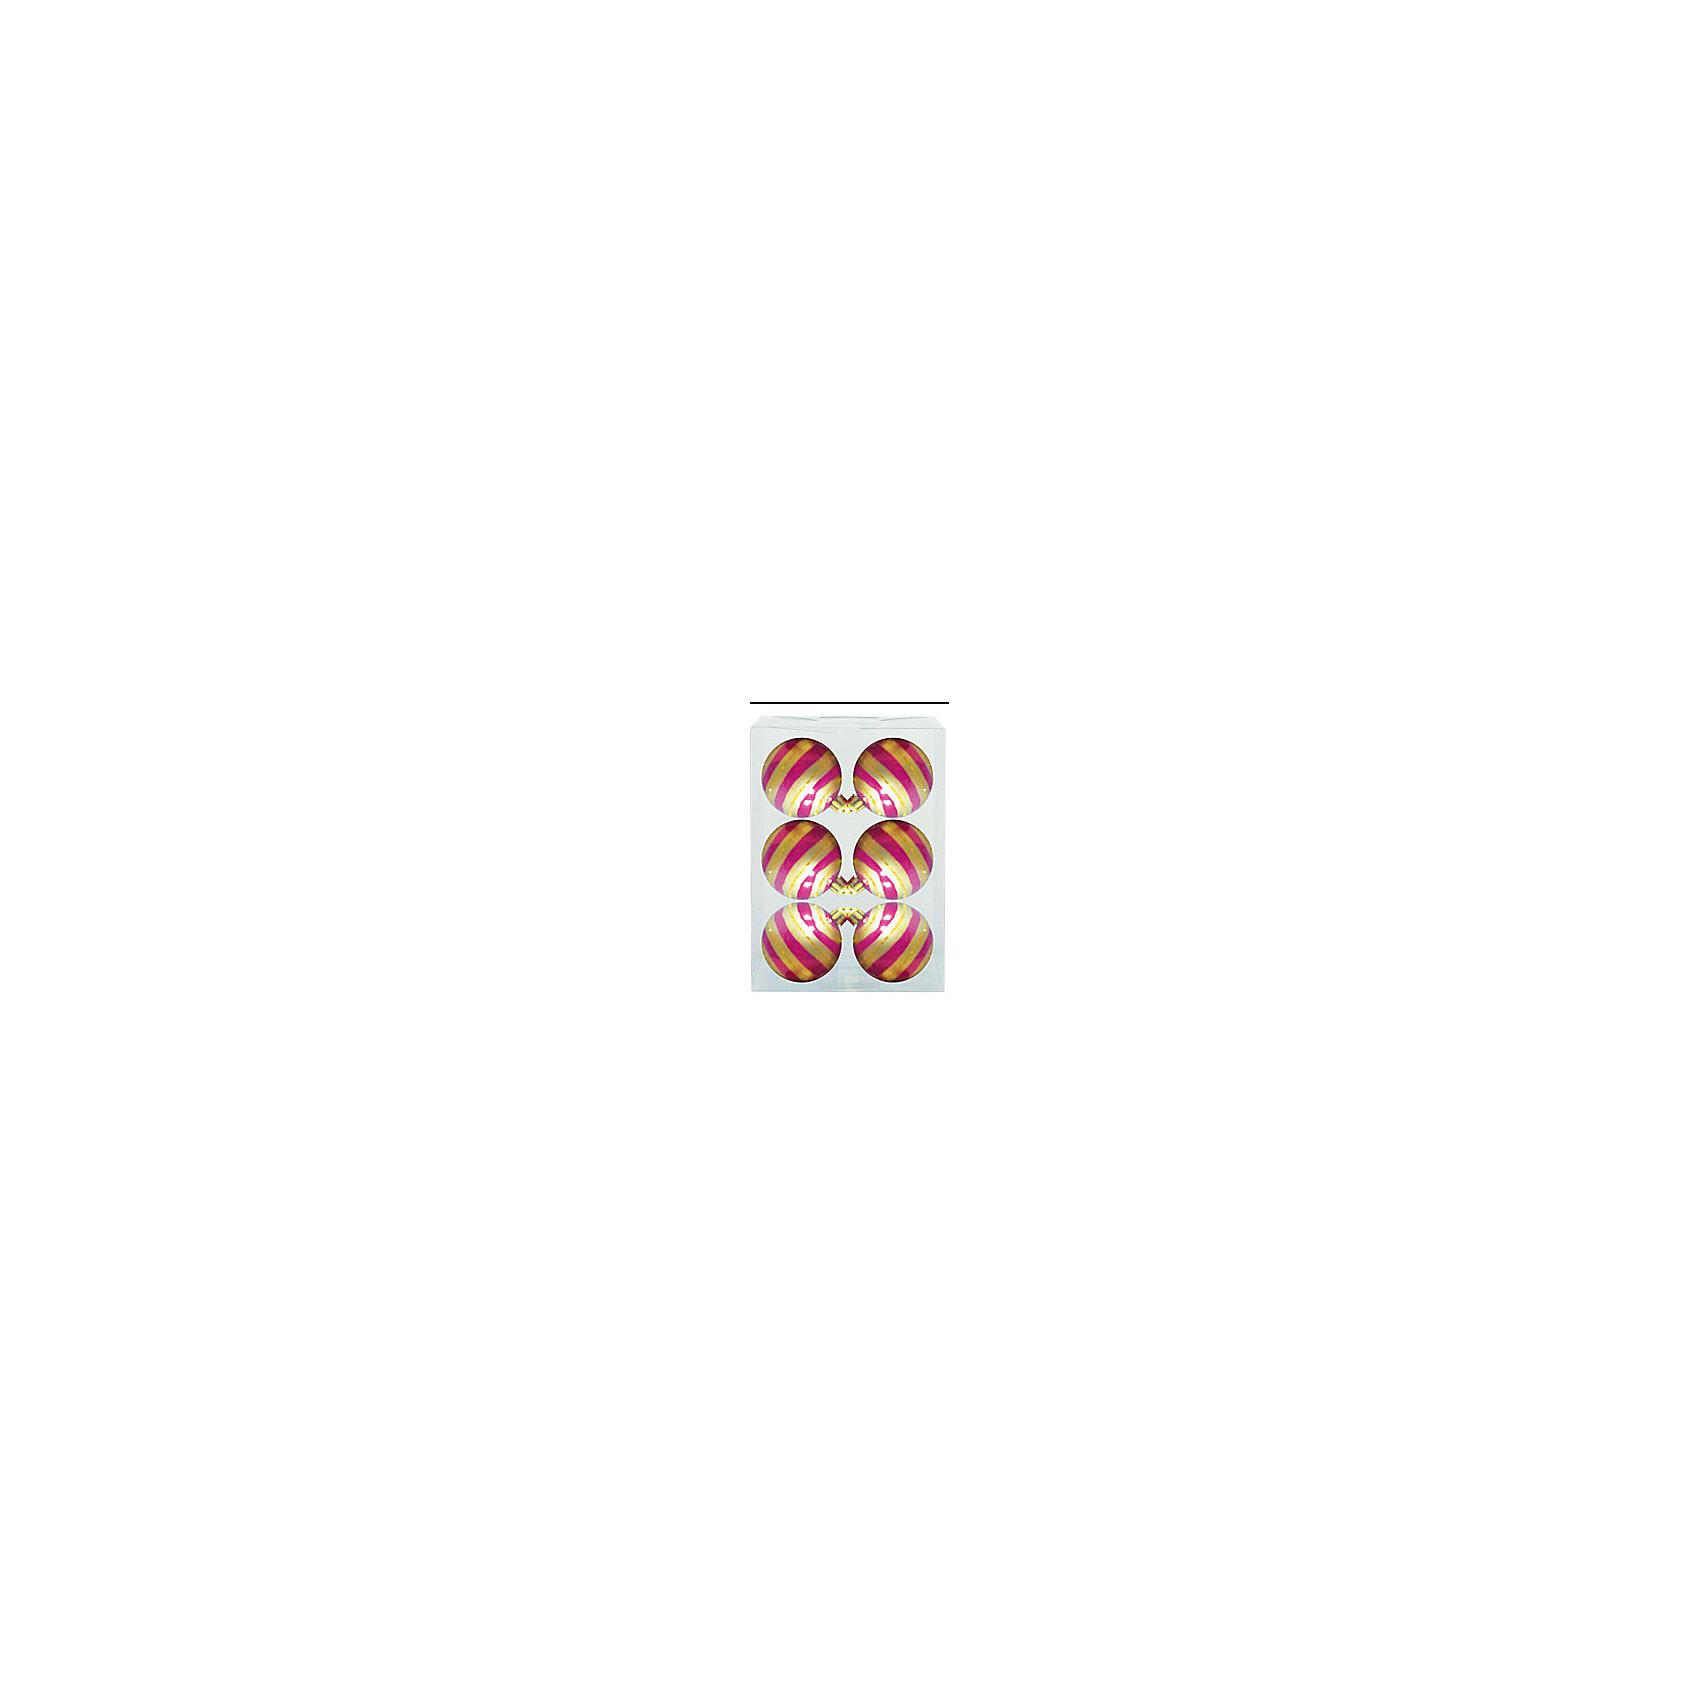 Marko Ferenzo Набор шаров Детский 6 шт, 6 см, розовый глянцевый с узором marko ferenzo набор желудей 3 шт grande 4 см золотой